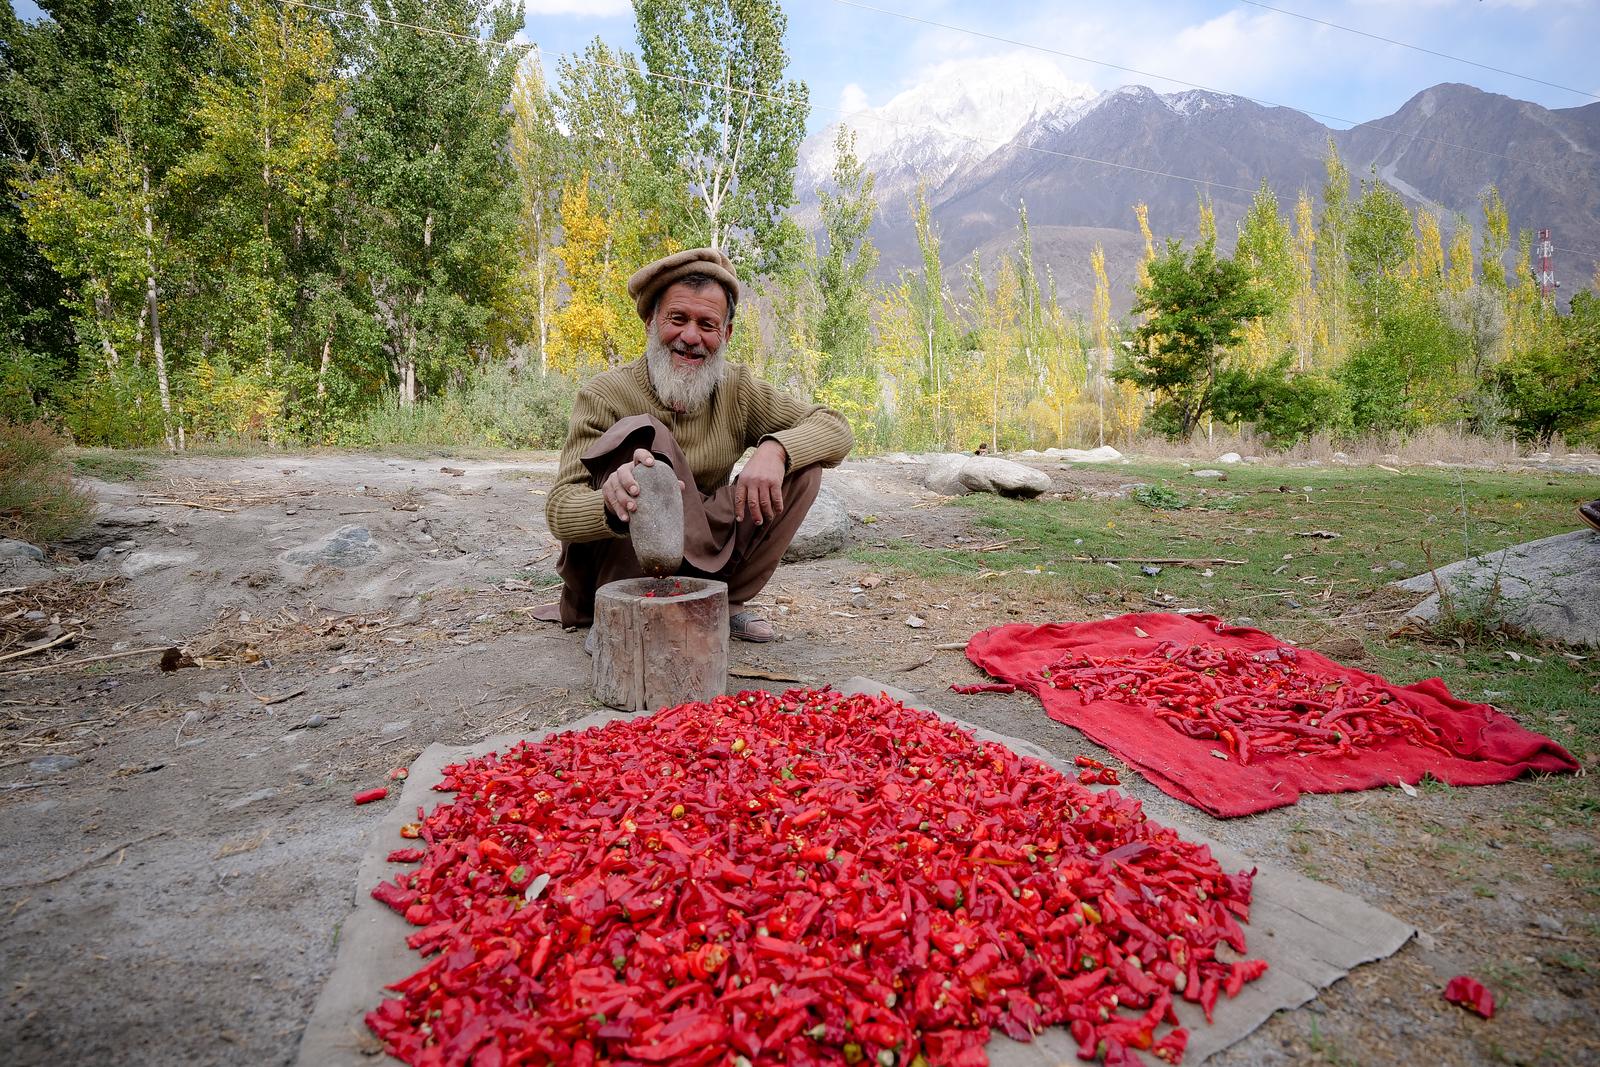 Jutal, Pakistan